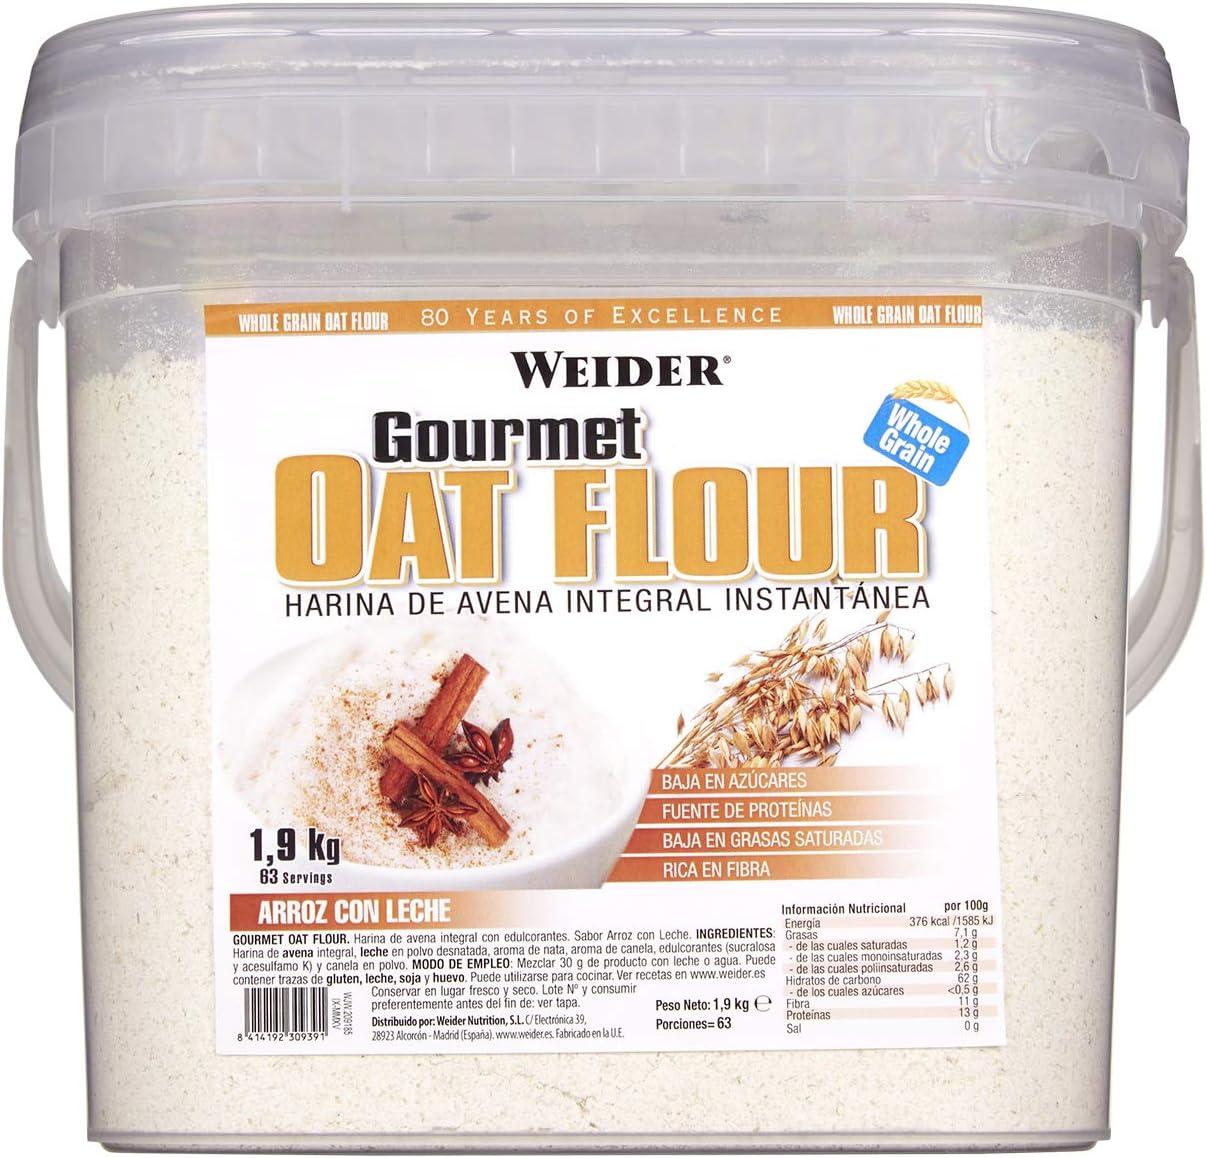 Weider Oat Gourmet. Harina de Avena Integral. Fuente de proteína con bajo contenido en azúcares. Sabor Arroz con Leche (1,9 kg): Amazon.es: Salud y cuidado personal